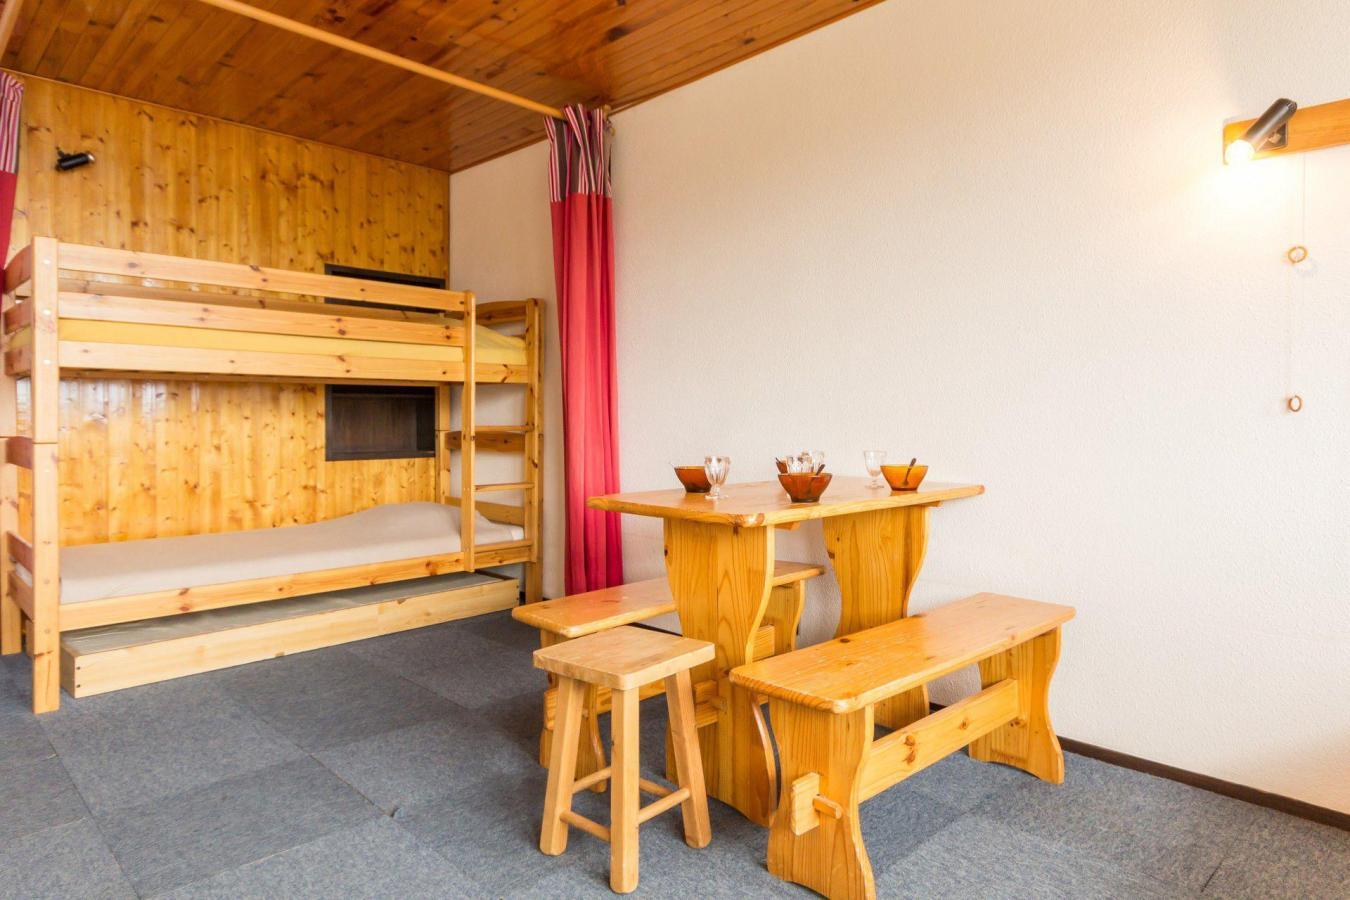 Location au ski Studio 4 personnes (A2L143) - Residence Aime 2000 - Le Diamant - La Plagne - Table